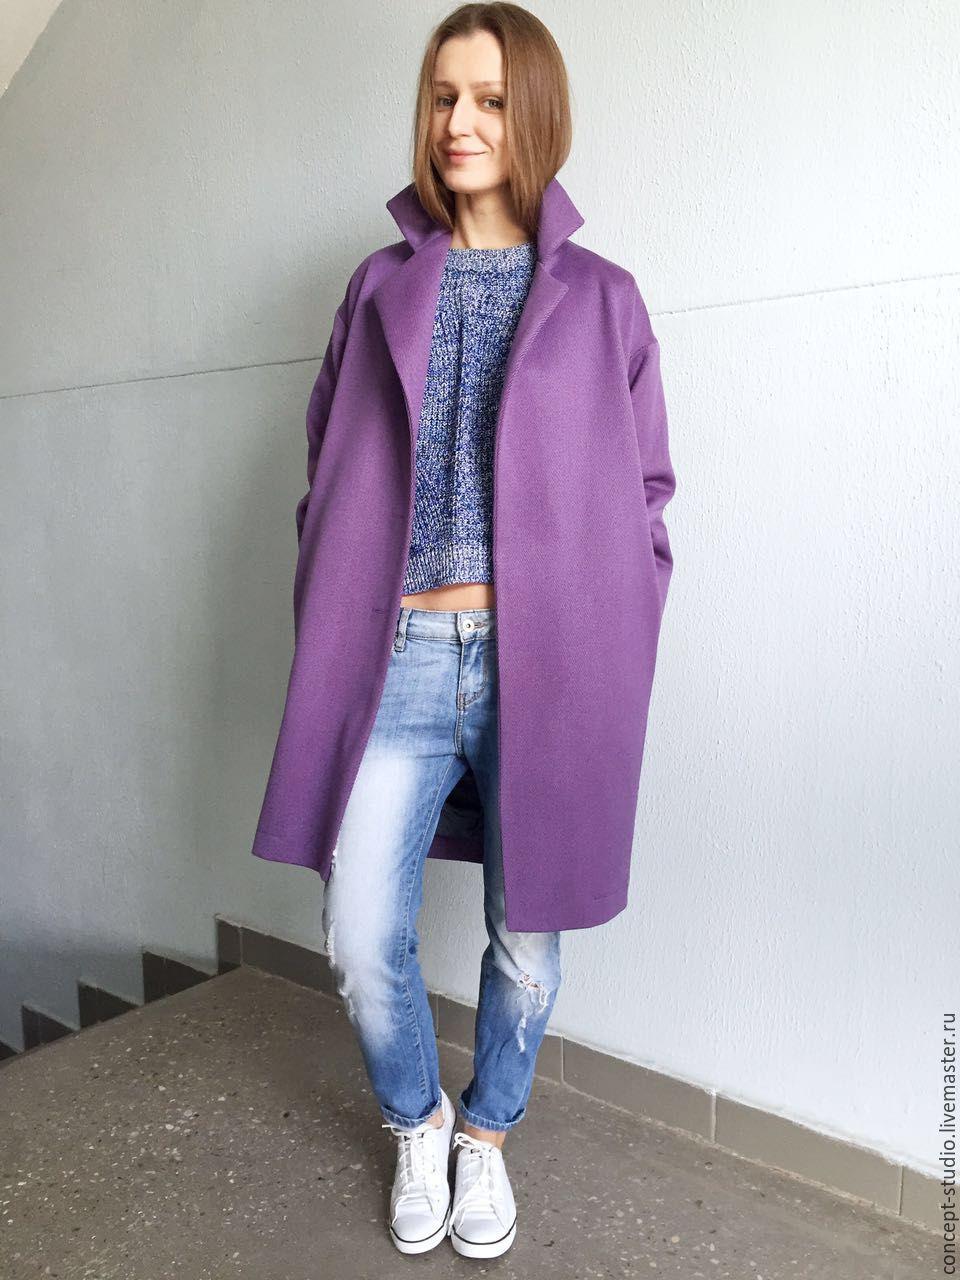 72c8b5d64d2 Верхняя одежда ручной работы. Ярмарка Мастеров - ручная работа. Купить  Демисезонное пальто фиолетовое.